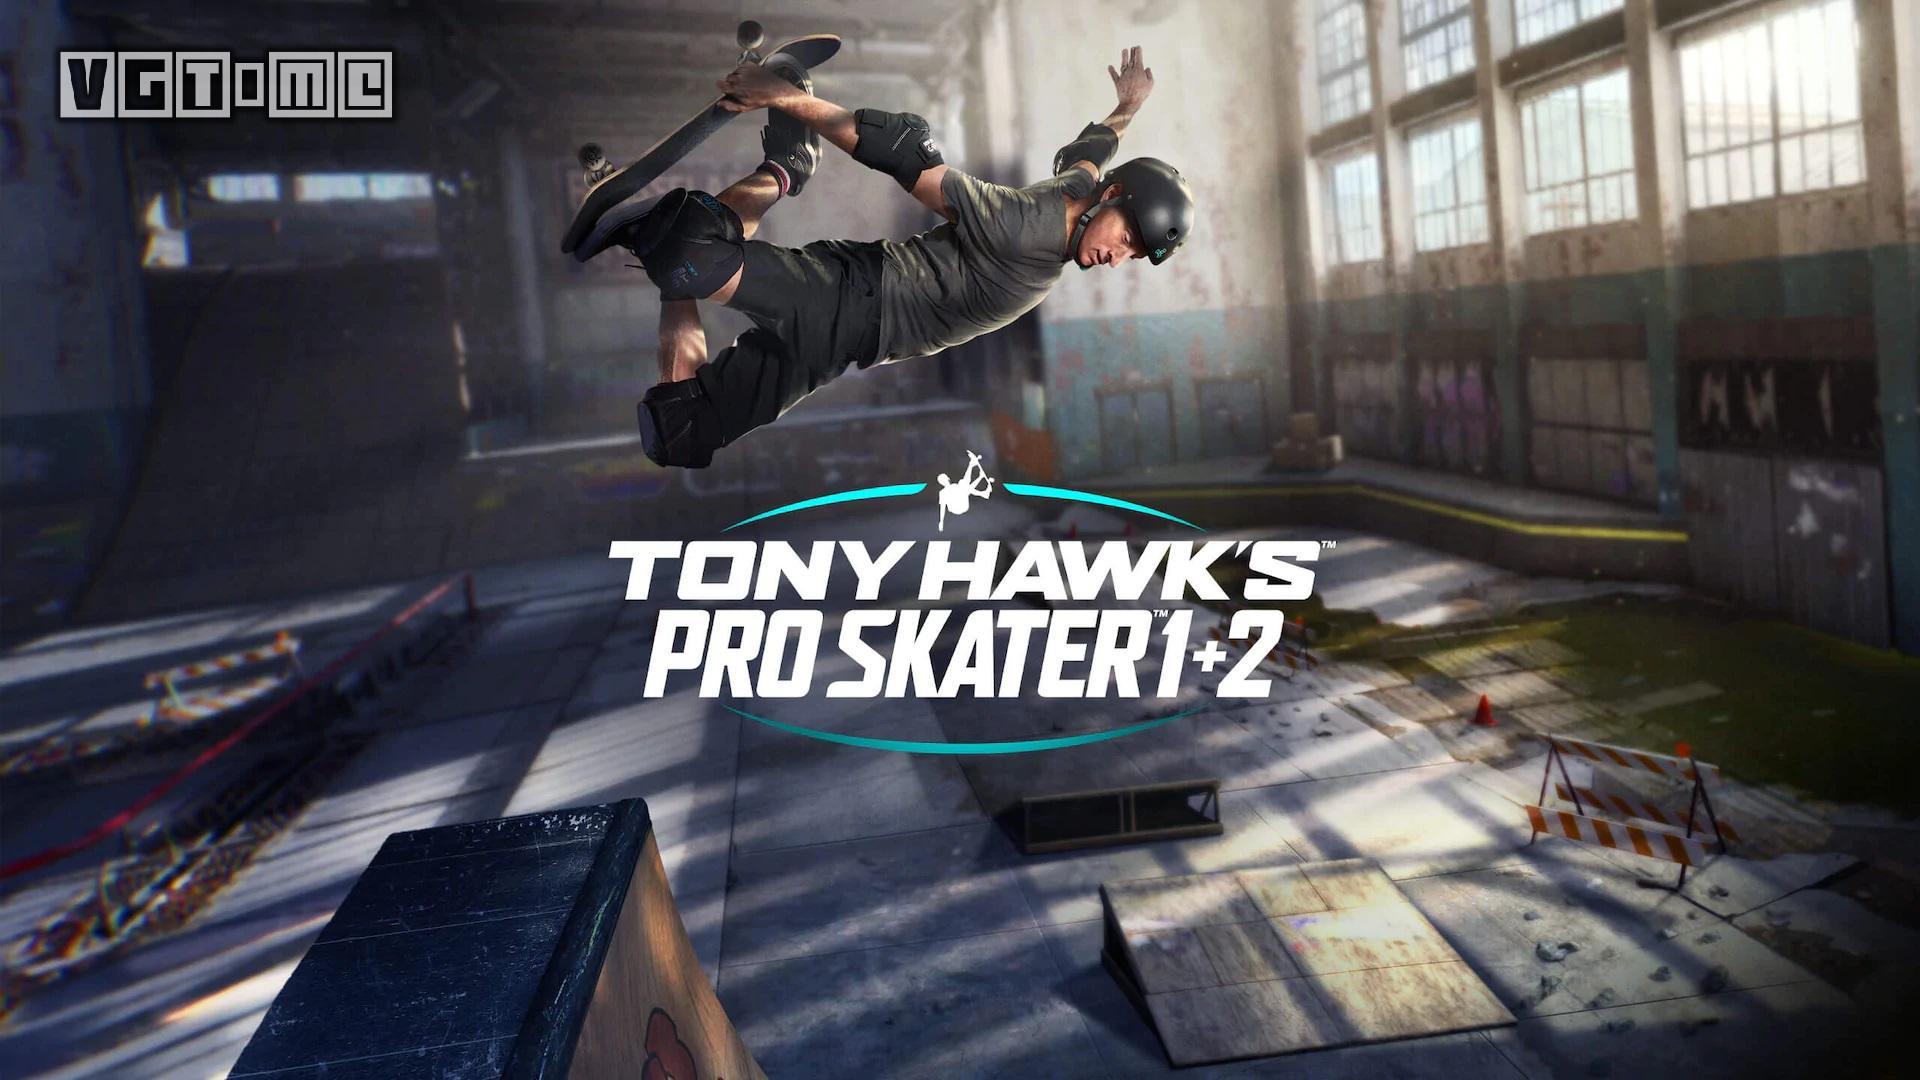 《托尼·霍克职业滑板1+2》近期或将登陆Switch